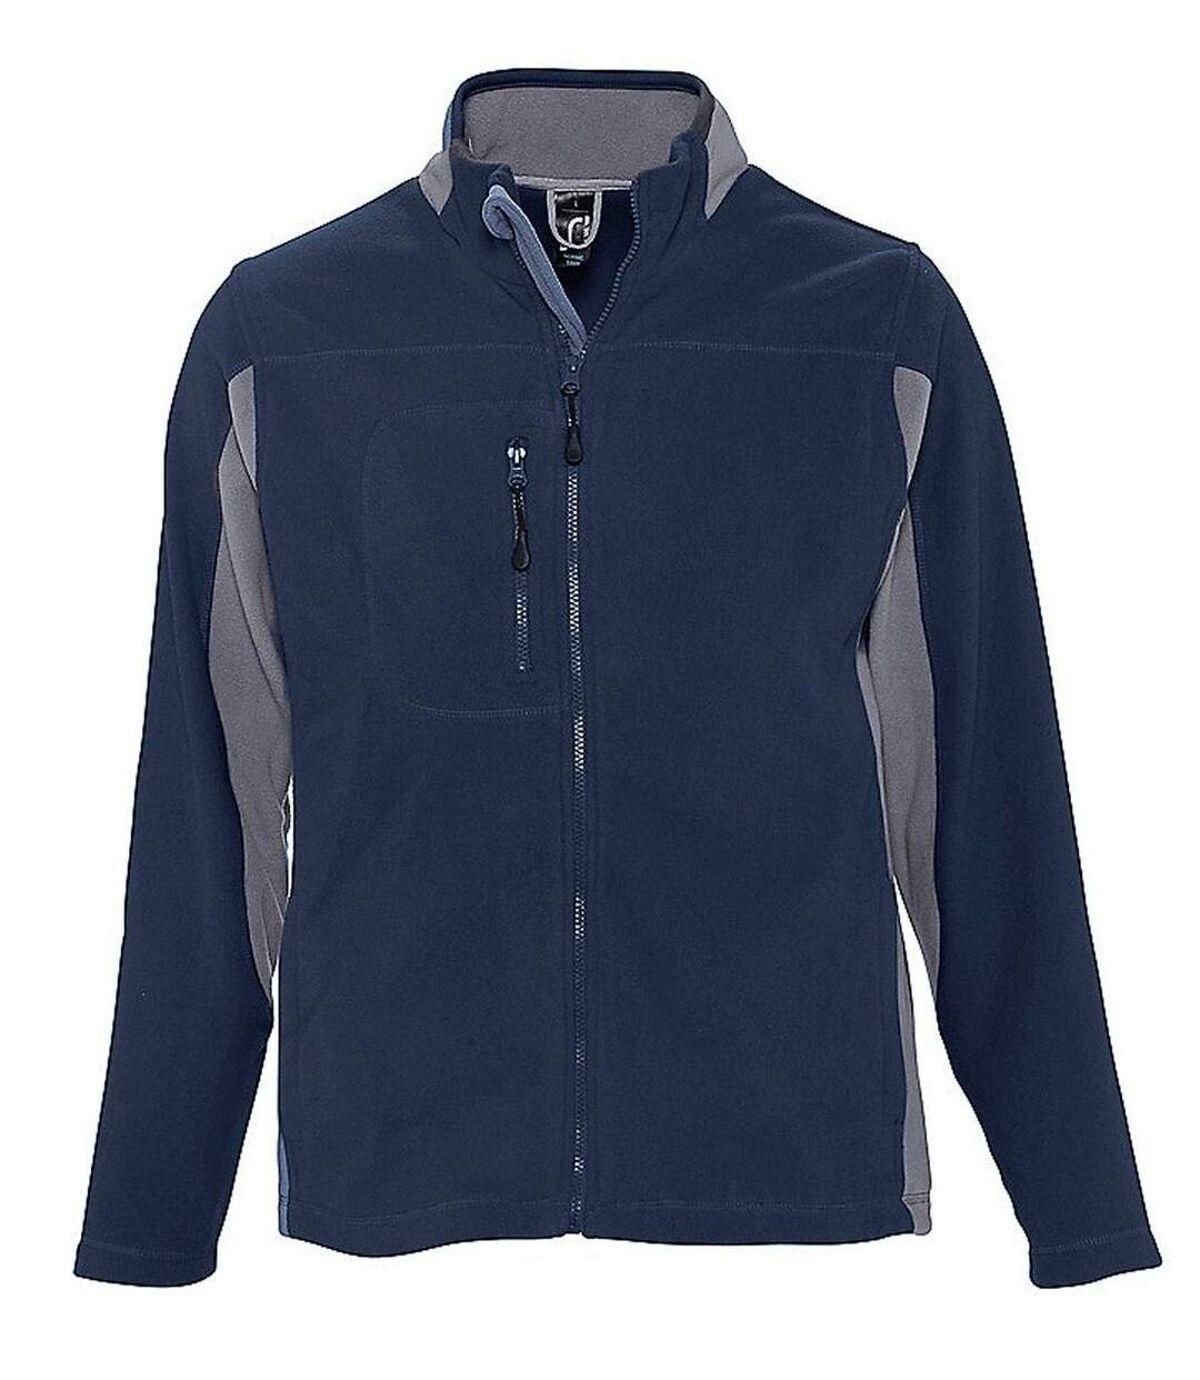 Veste polaire bicolore homme - 55500 - bleu marine